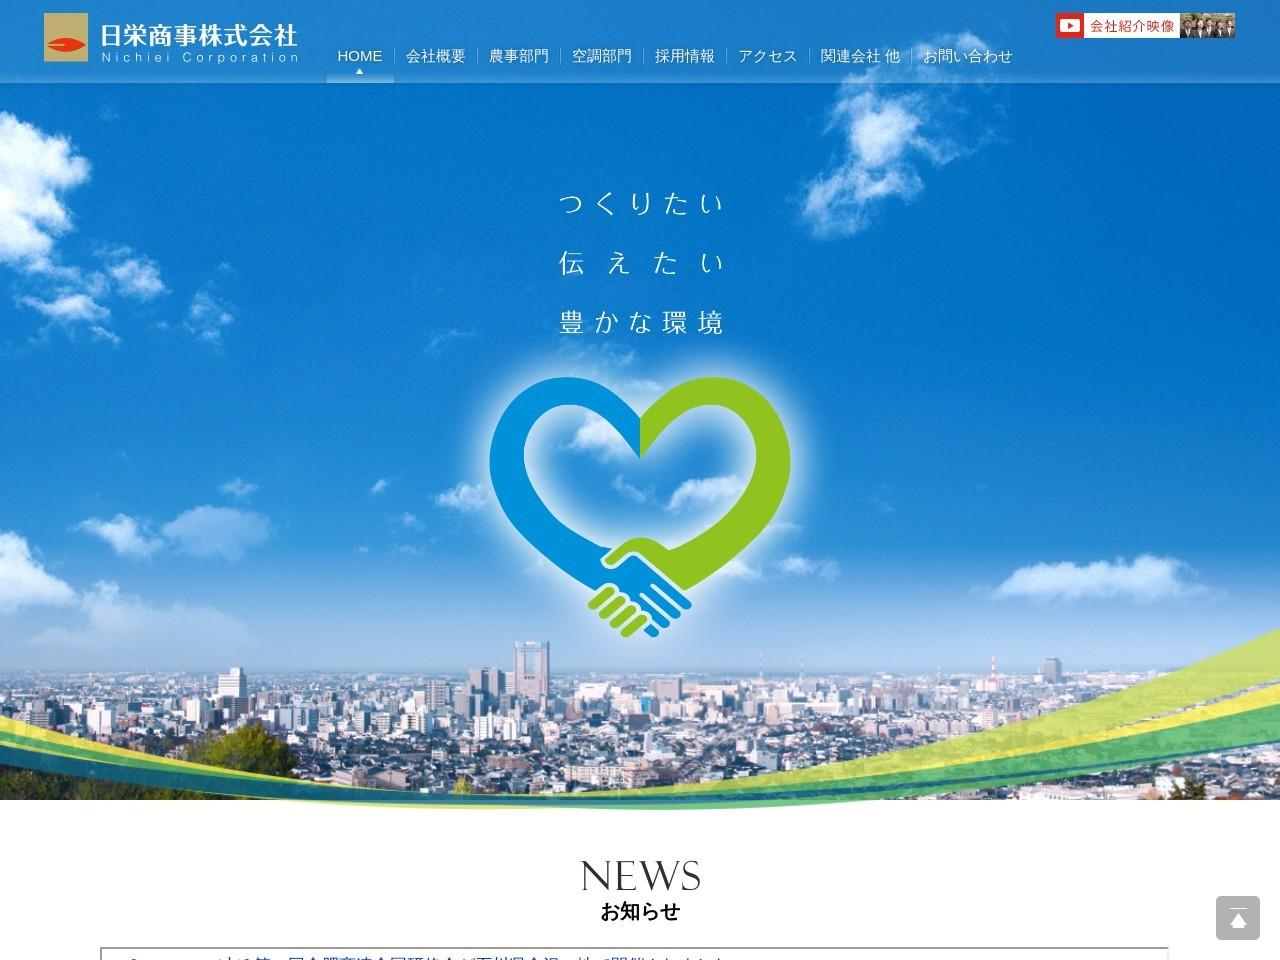 日栄商事株式会社空調部門